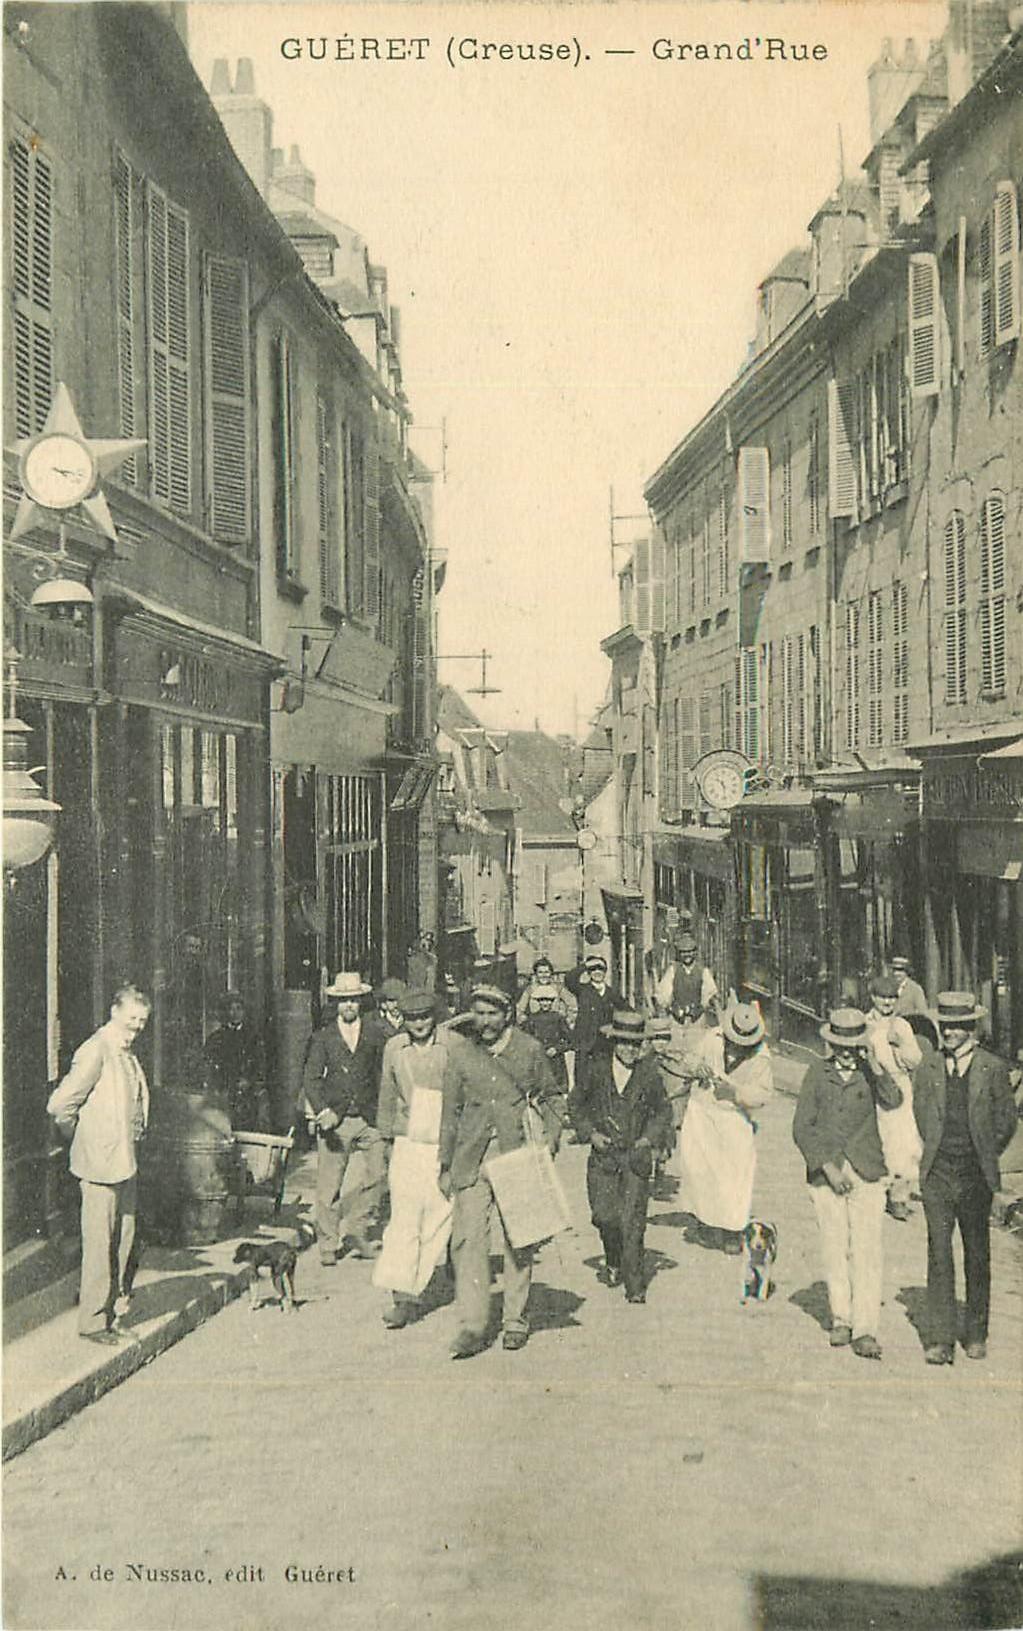 23 GUERET. Marchand de journaux ambulant sur Grand Rue